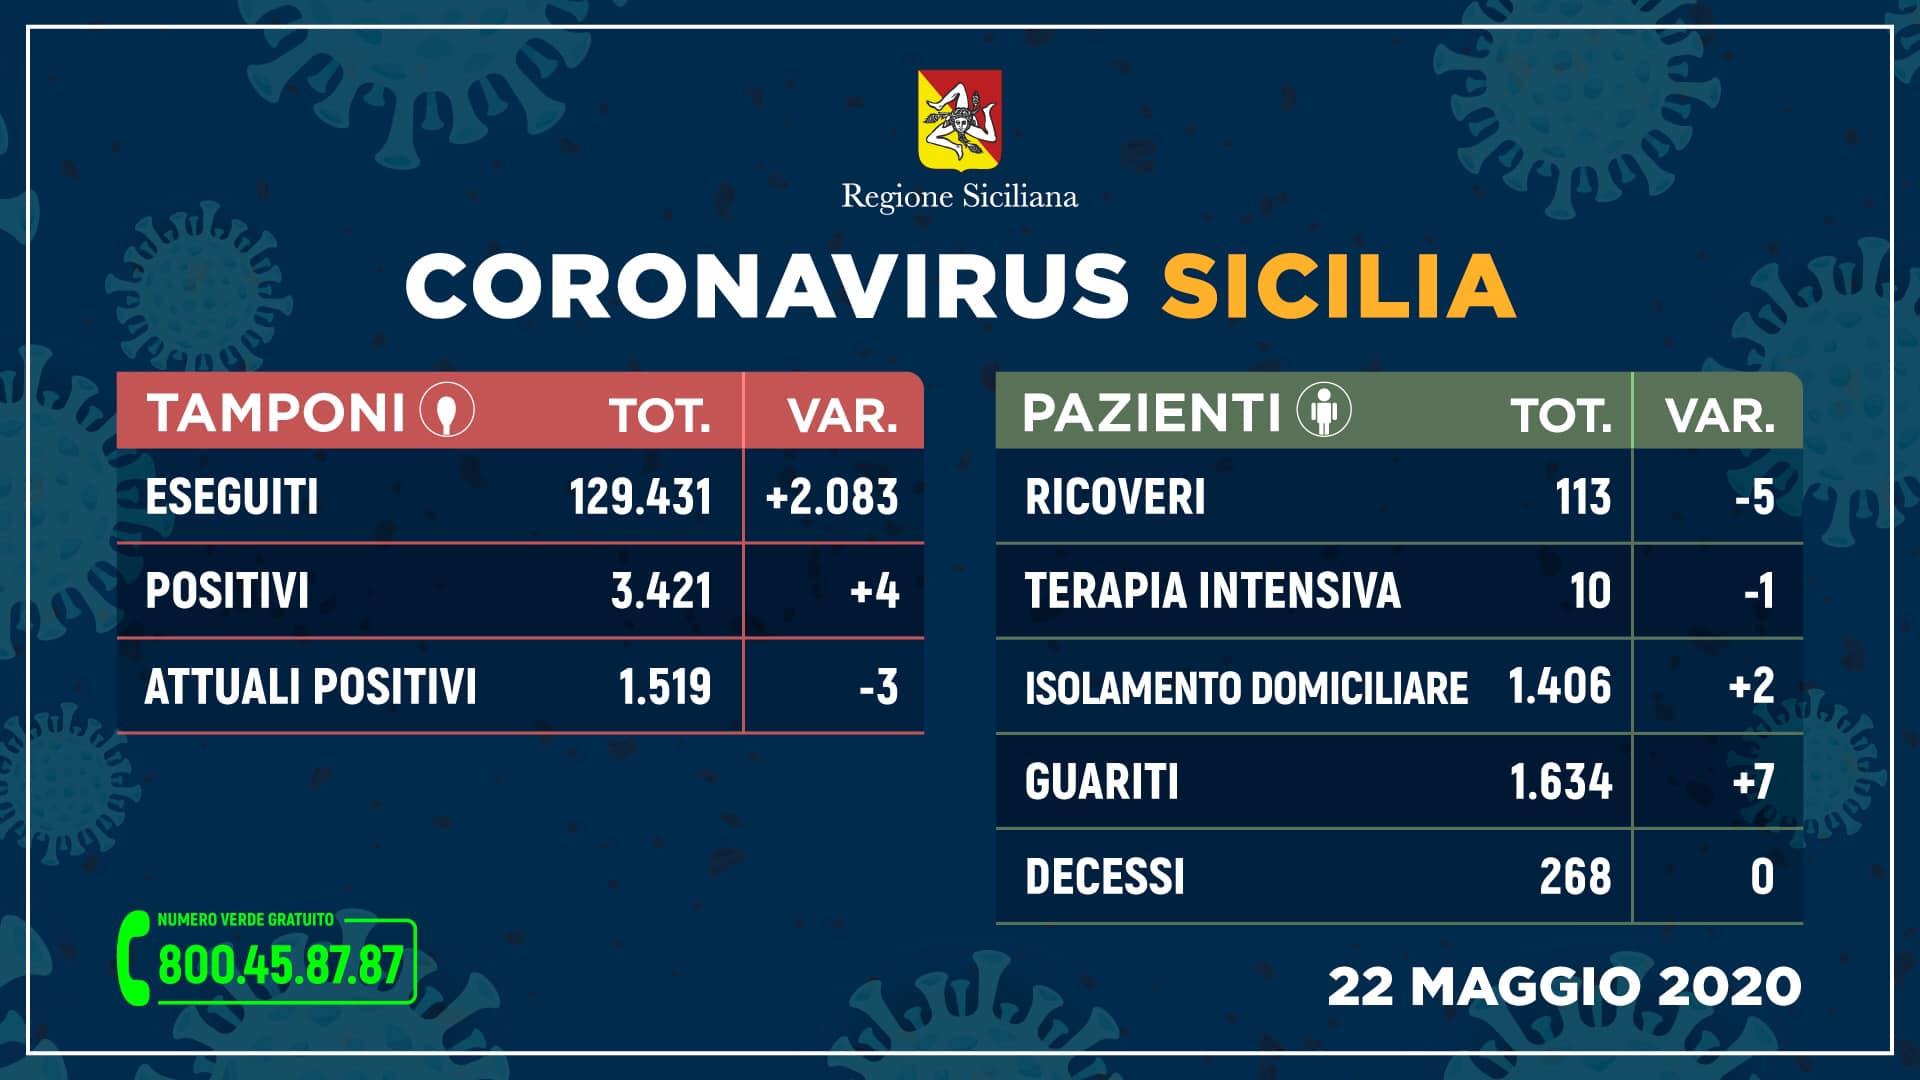 Coronavirus in Sicilia: Attuali positivi 1.519 (-3), Guariti 1.634 (+7), Decessi 268 (0), Ricoveri 113 (-5)